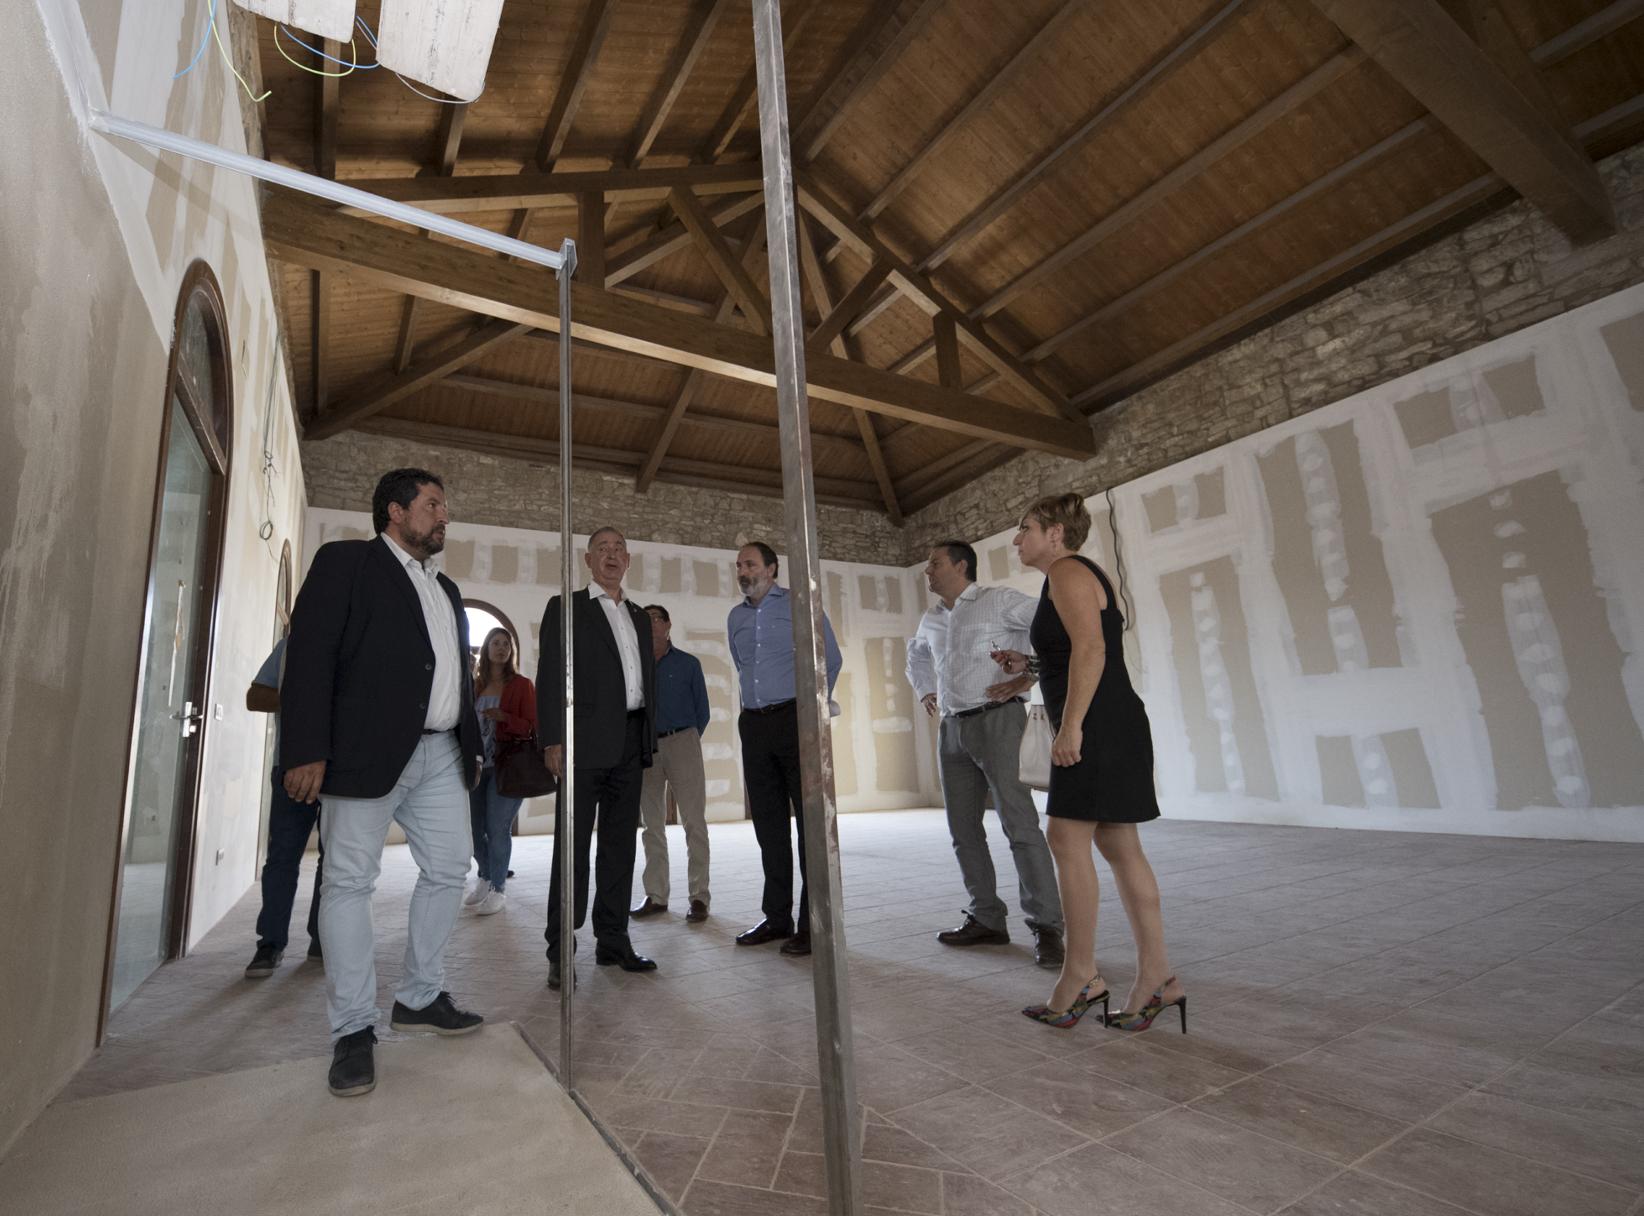 Xert, la Diputació invertirà 100.000€ per restaurar del Palau dels Comtes de Pestagua